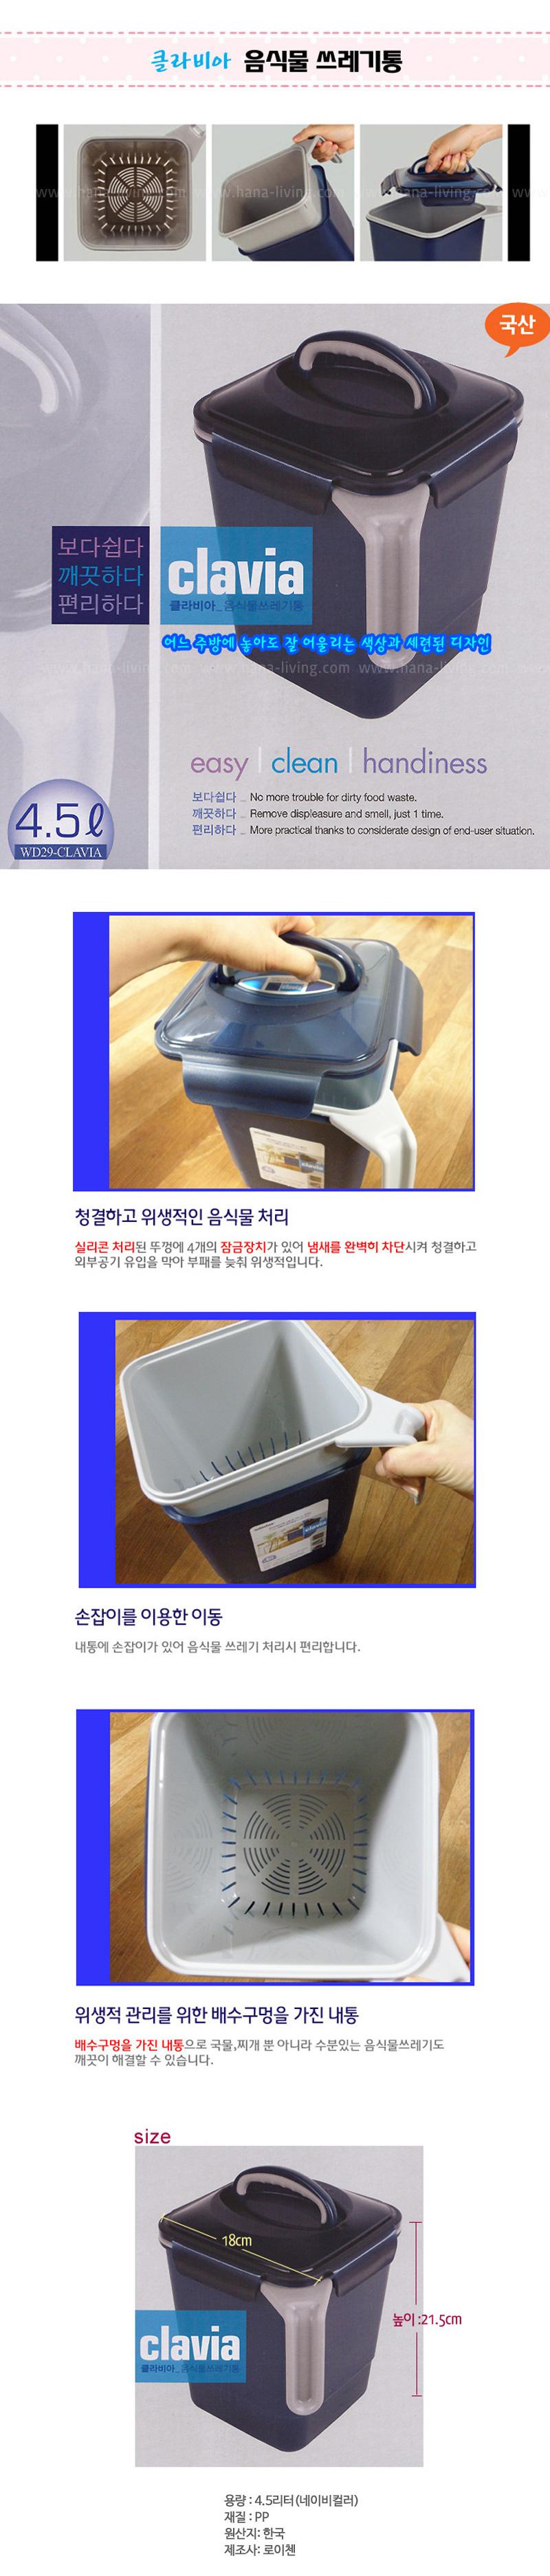 클라비아 음식물 쓰레기통 (4.5리터) 잠금장치 손잡이 - 포리빙, 9,900원, 설거지 용품, 음식물 쓰레기통